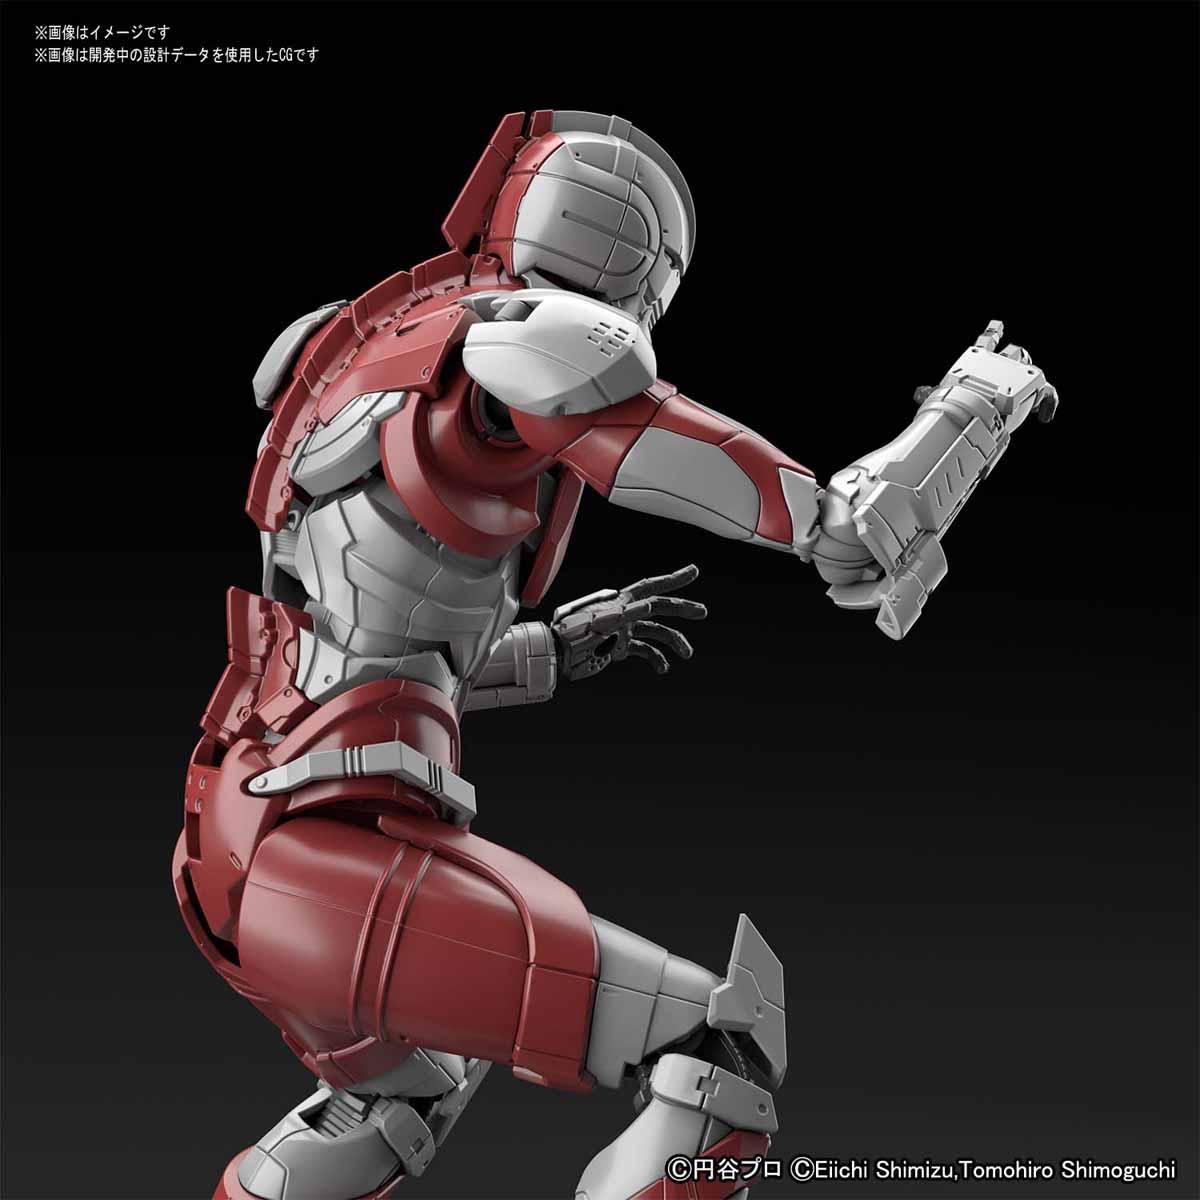 Figure-rise Standard『ULTRAMAN [B TYPE] -ACTION-』ウルトラマンスーツ Bタイプ 1/12 プラモデル-004